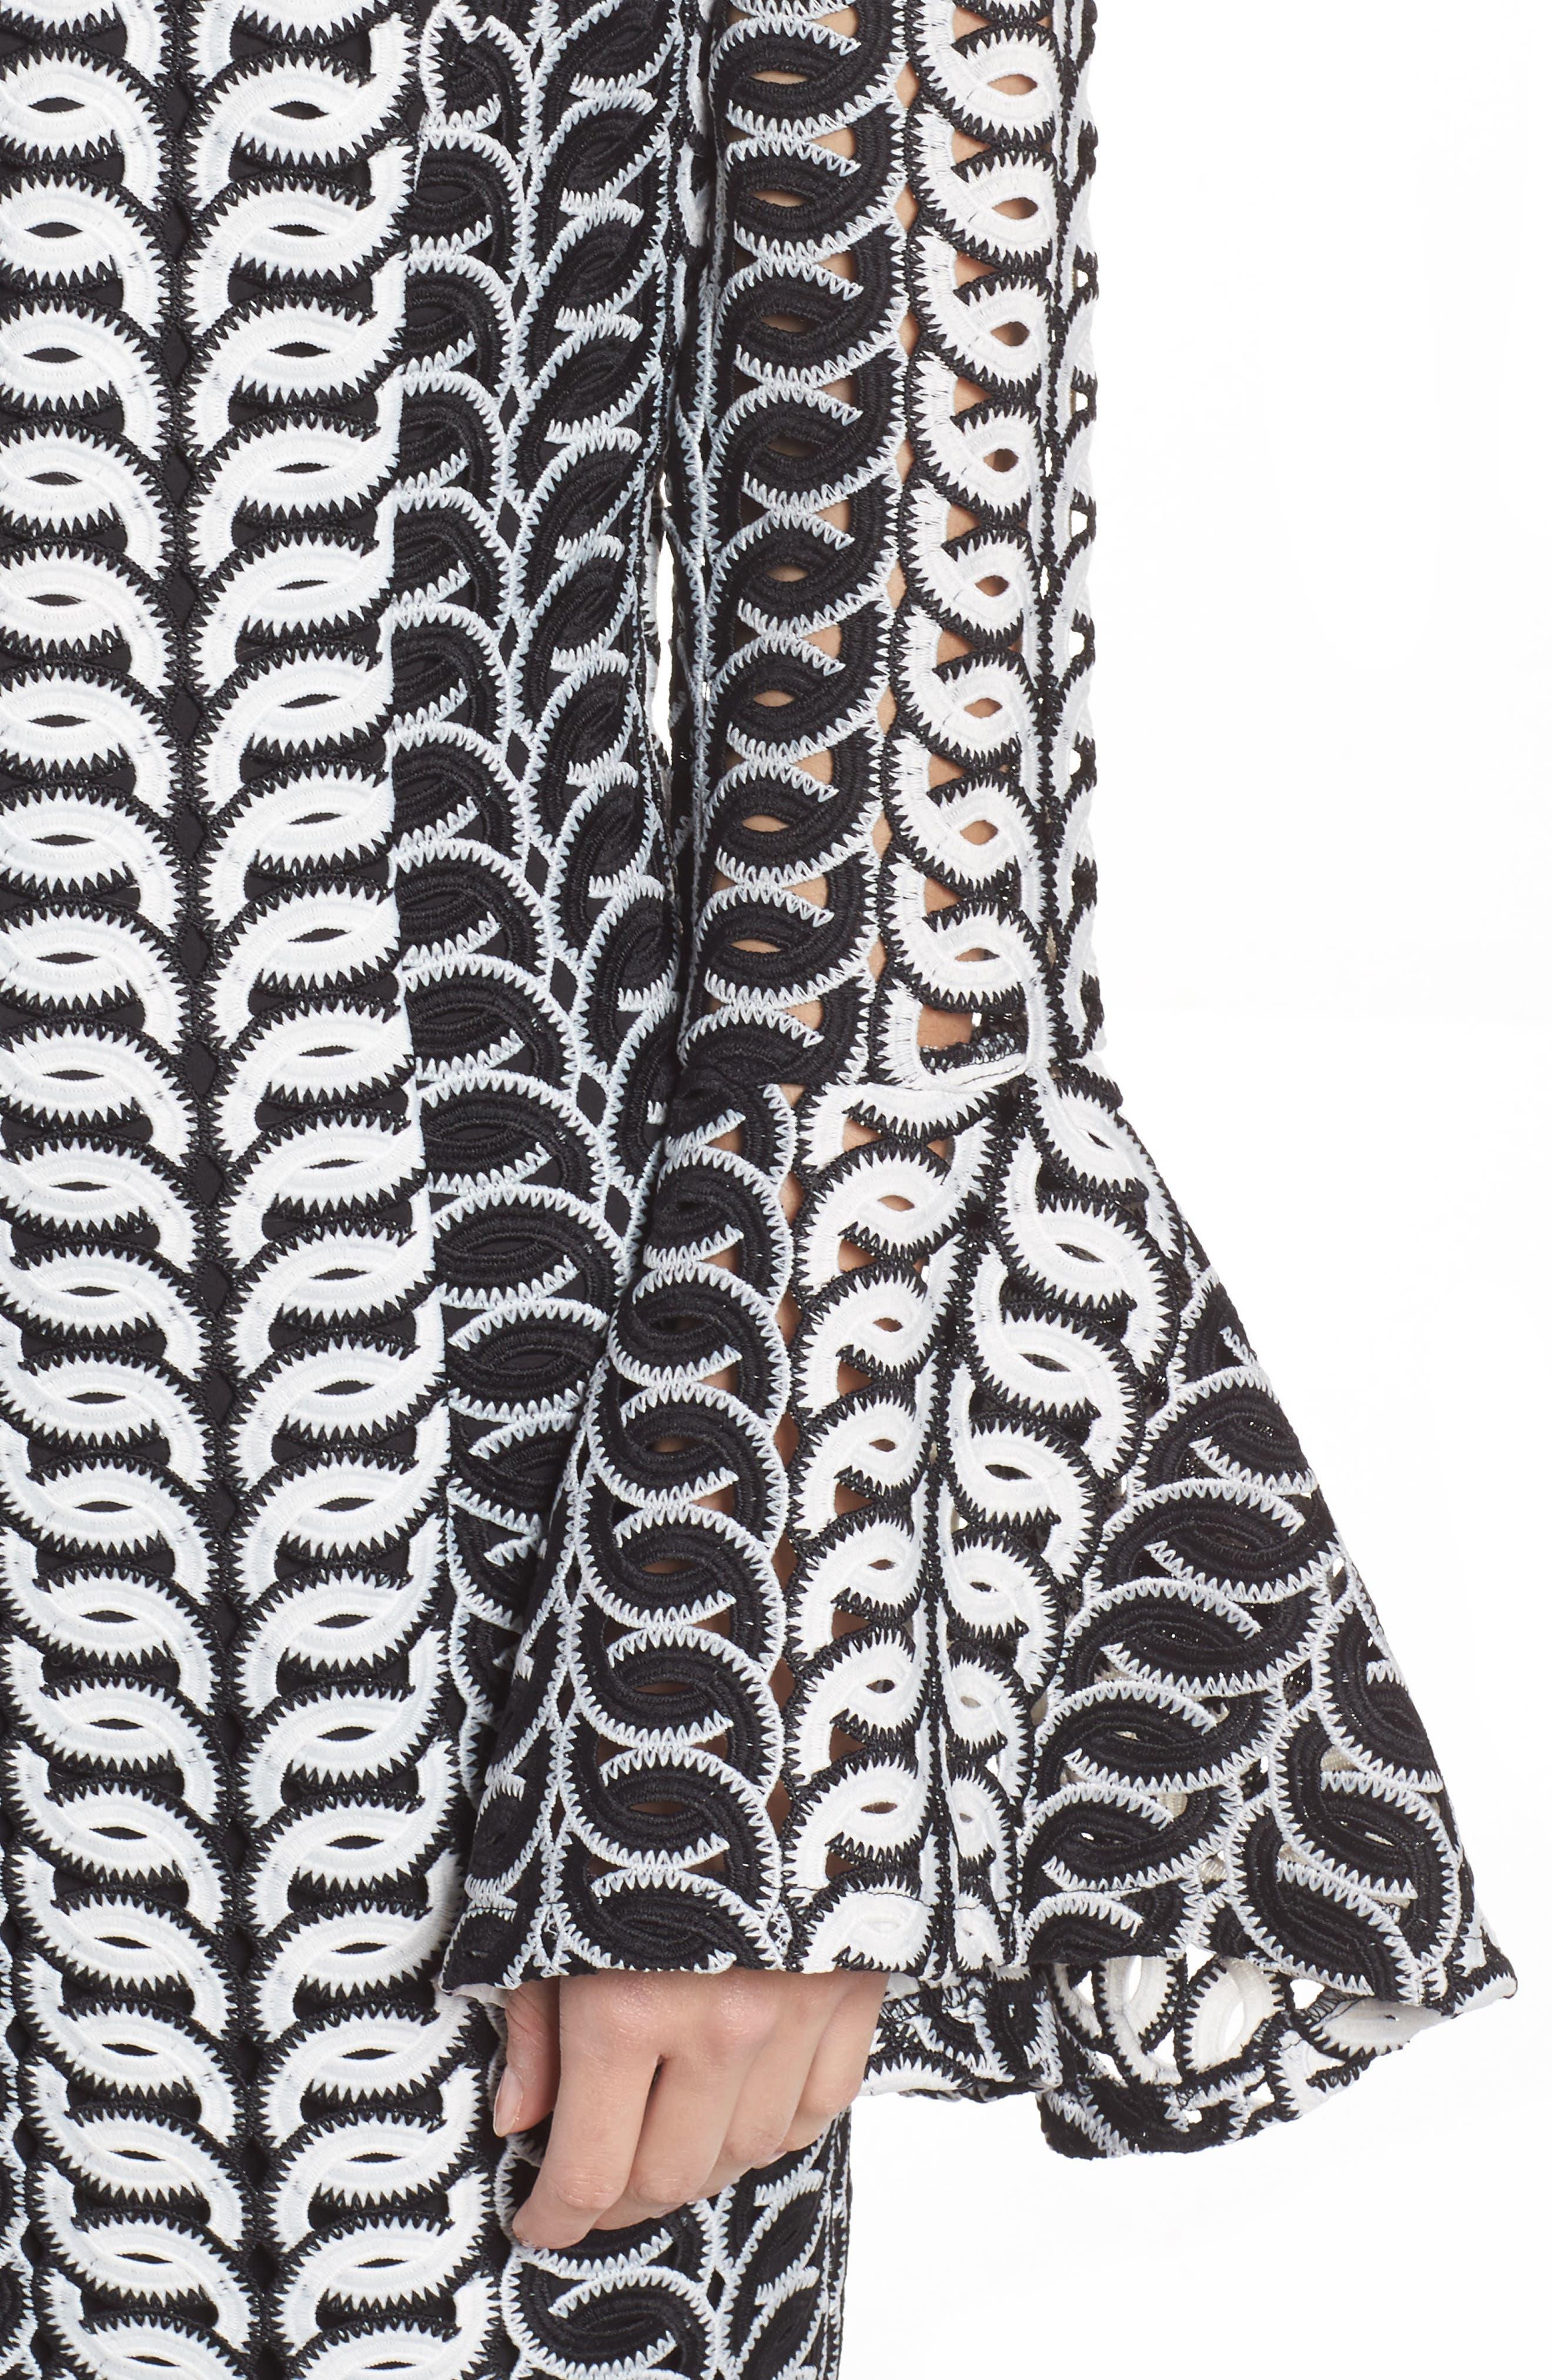 Chantelle Lace Off the Shoulder Dress,                             Alternate thumbnail 4, color,                             016